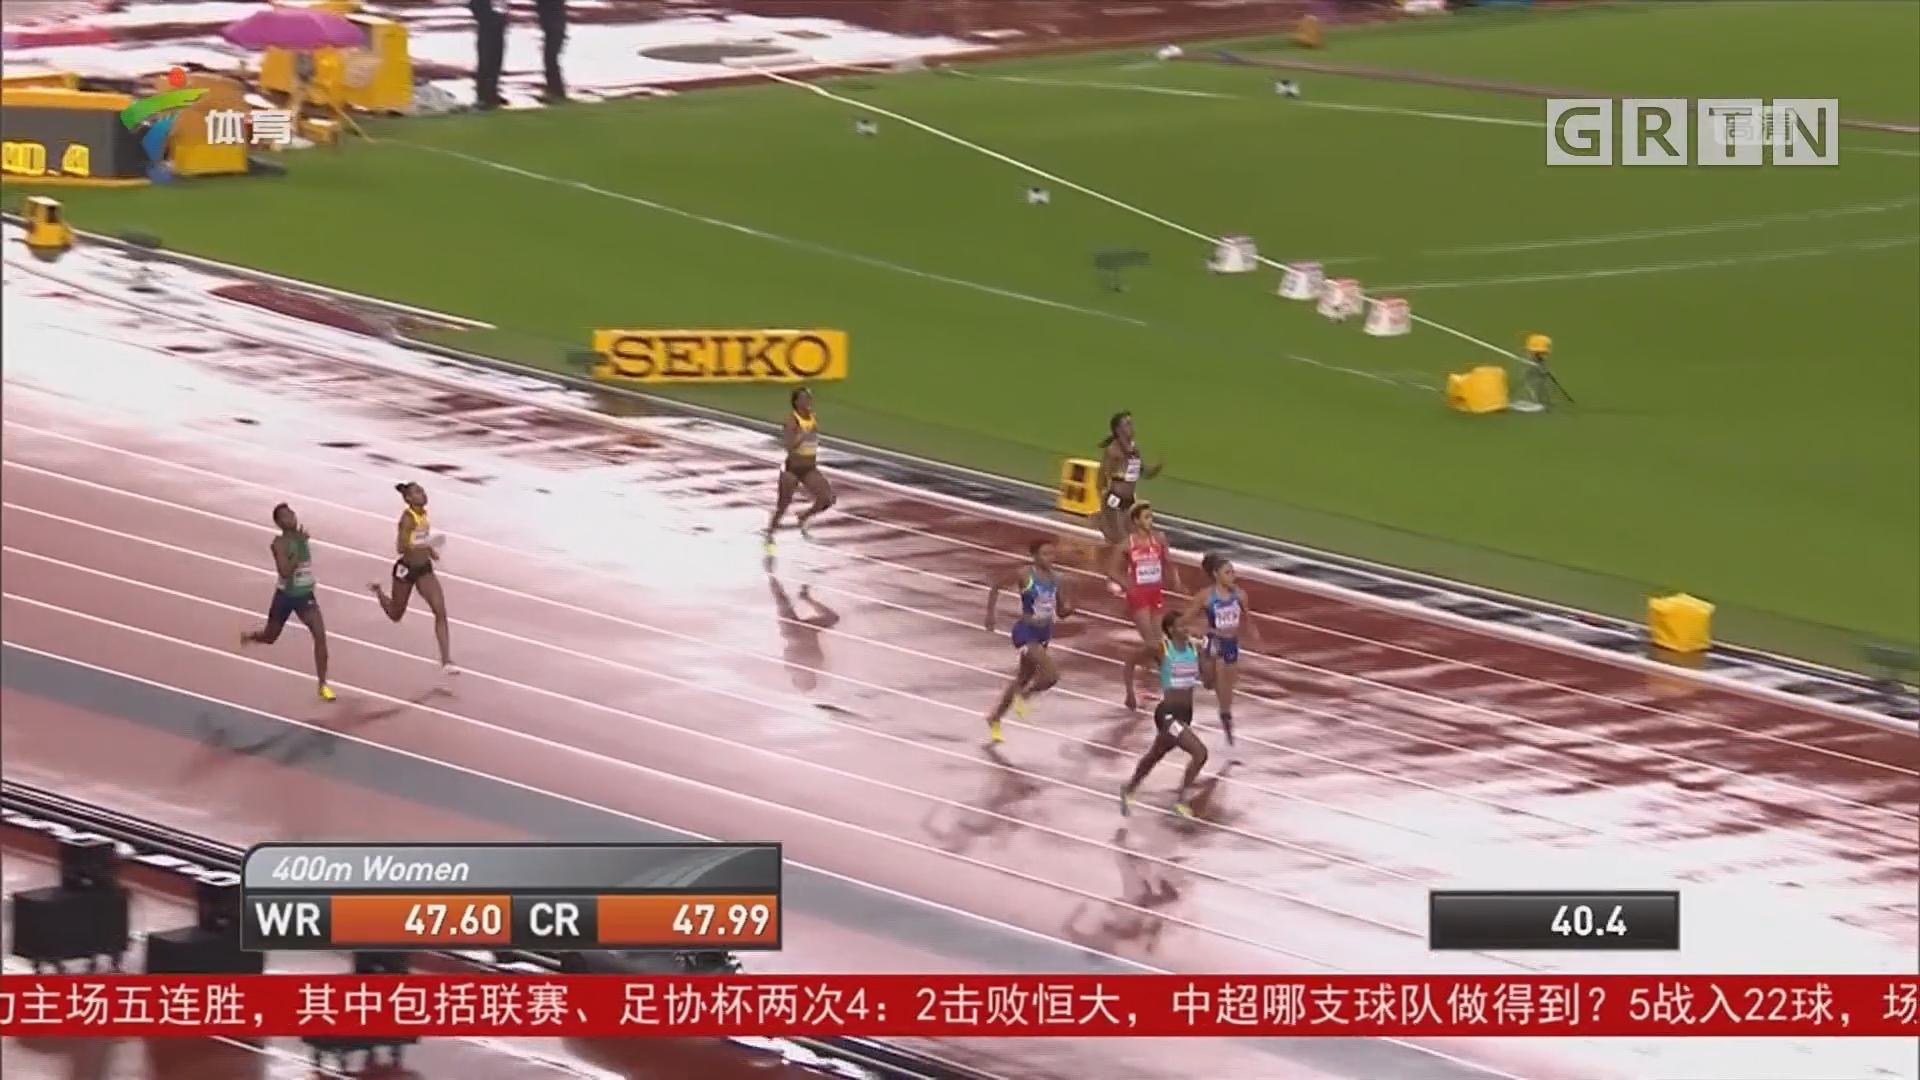 田径世锦赛:雨中闪耀伦敦碗